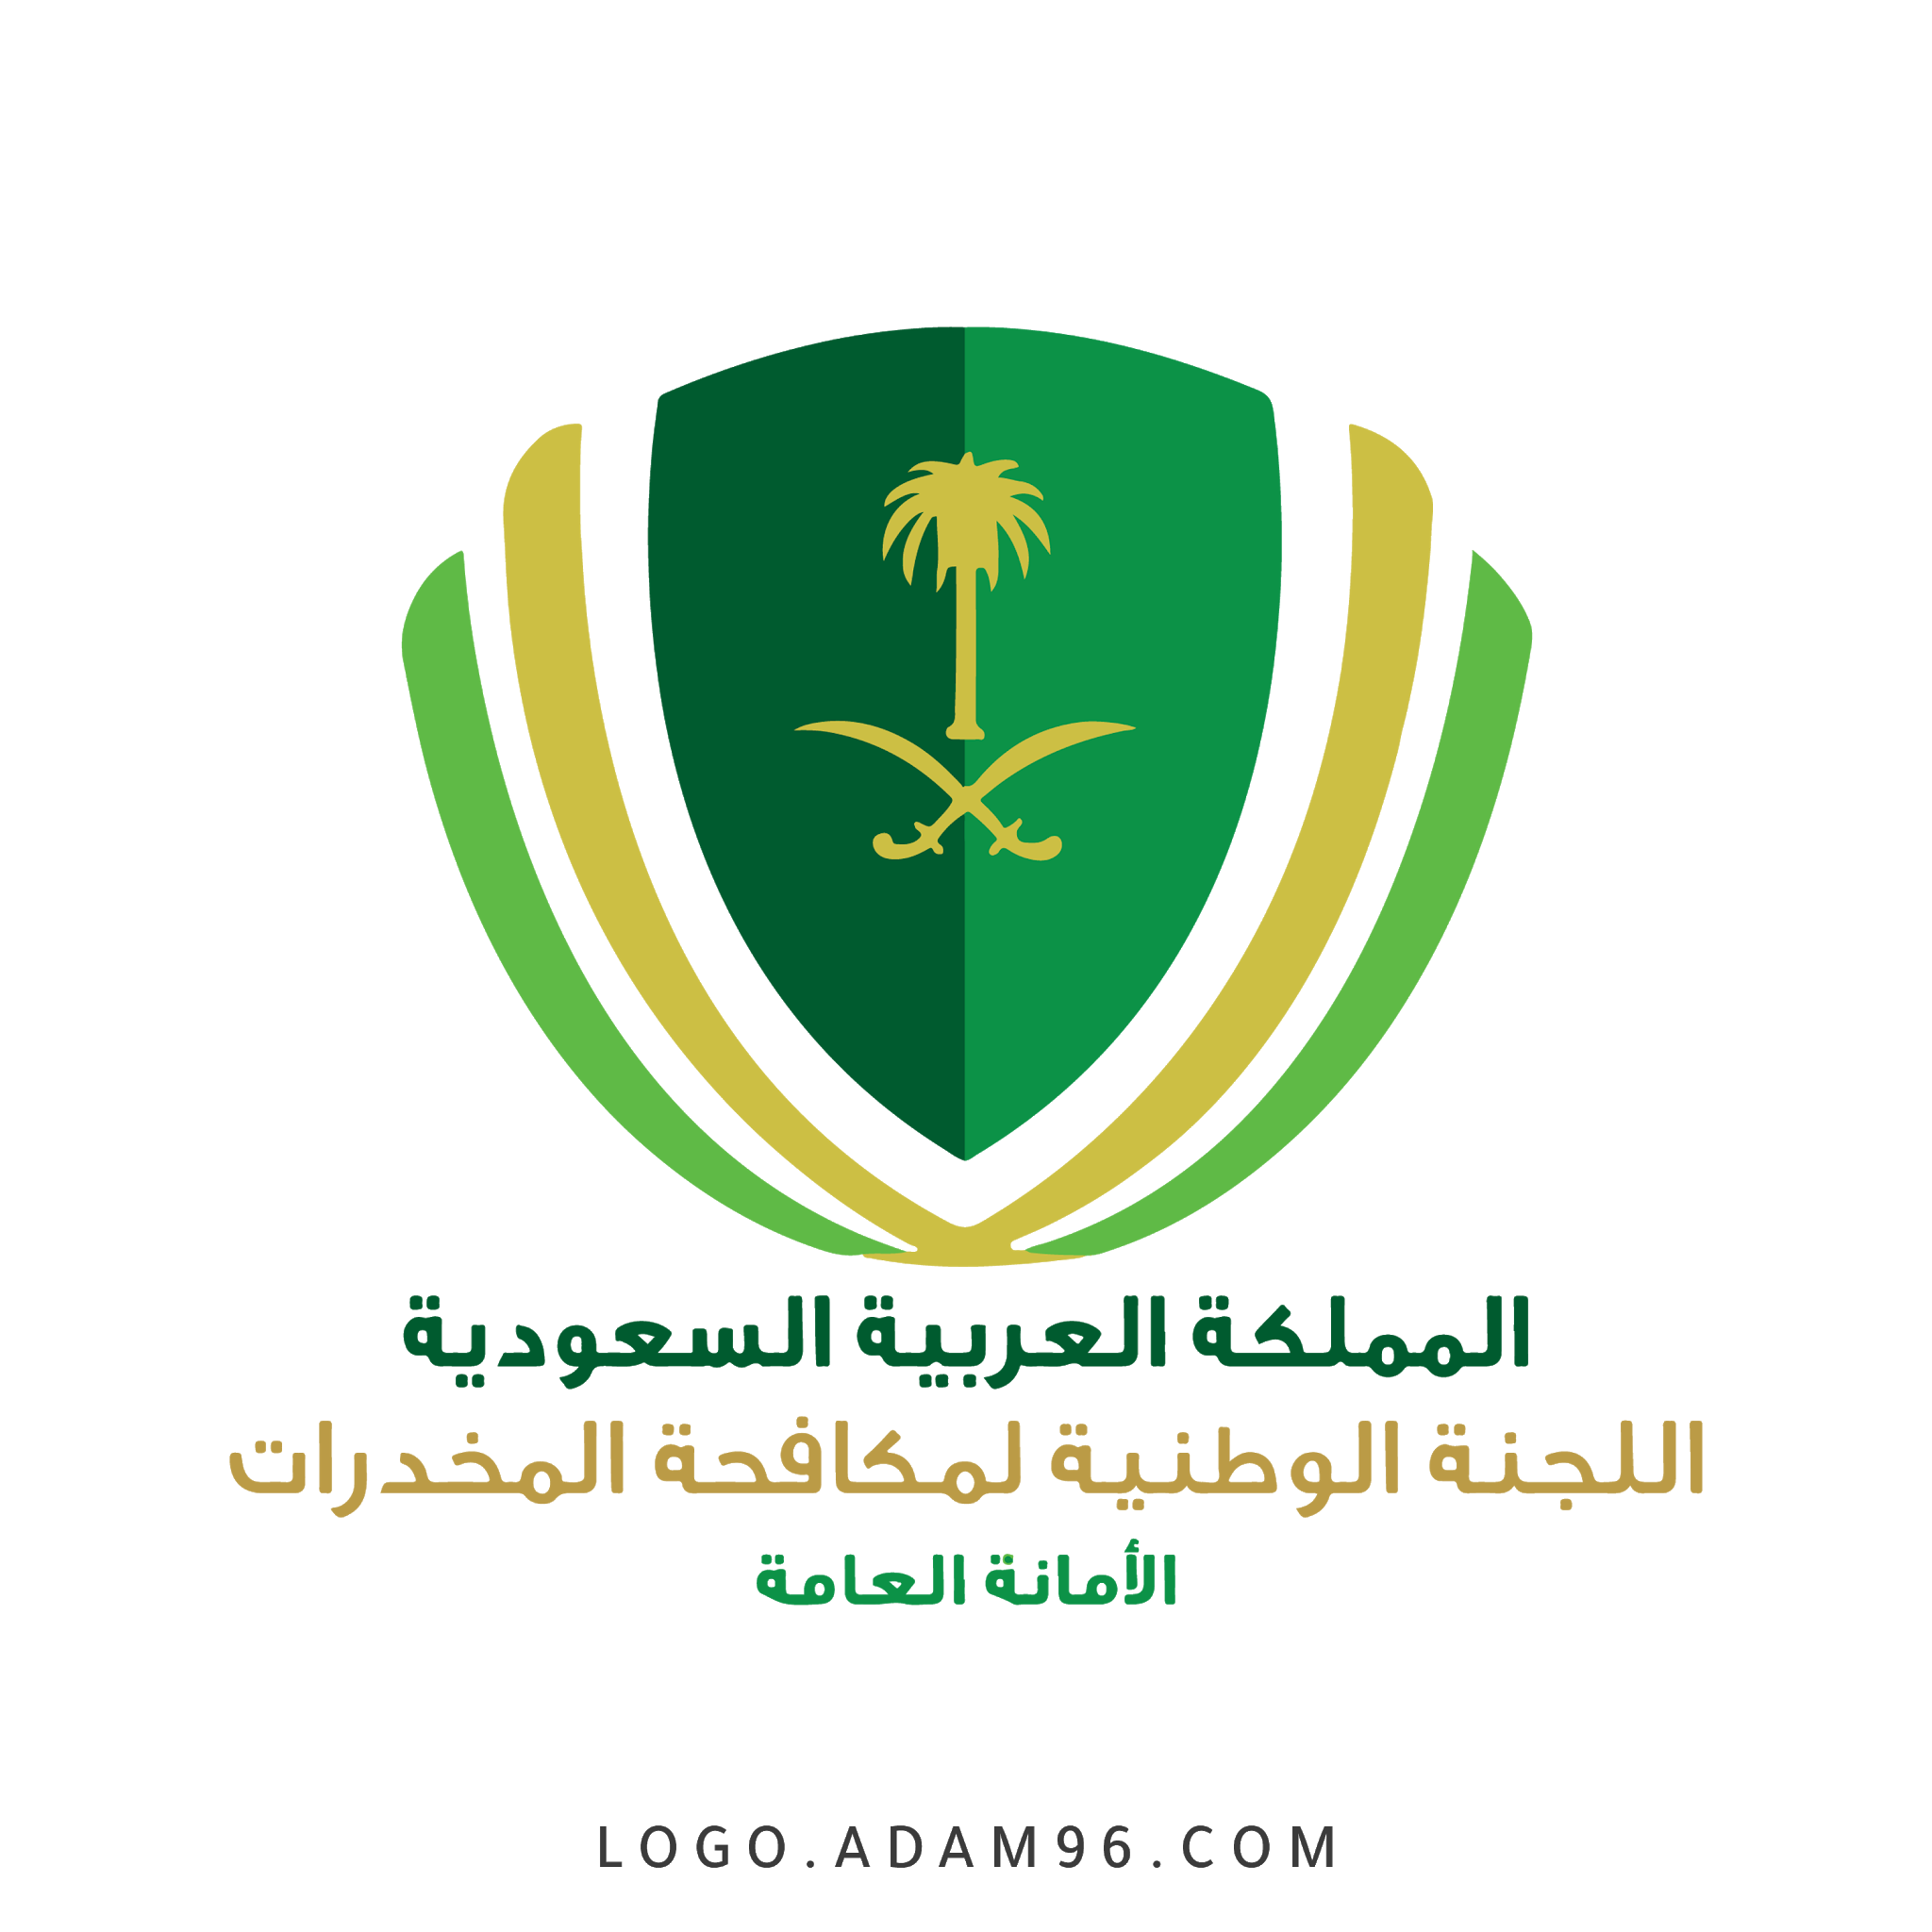 تحميل شعار اللجنة الوطنية لمكافحة المخدرات لوجو رسمي عالي الجودة